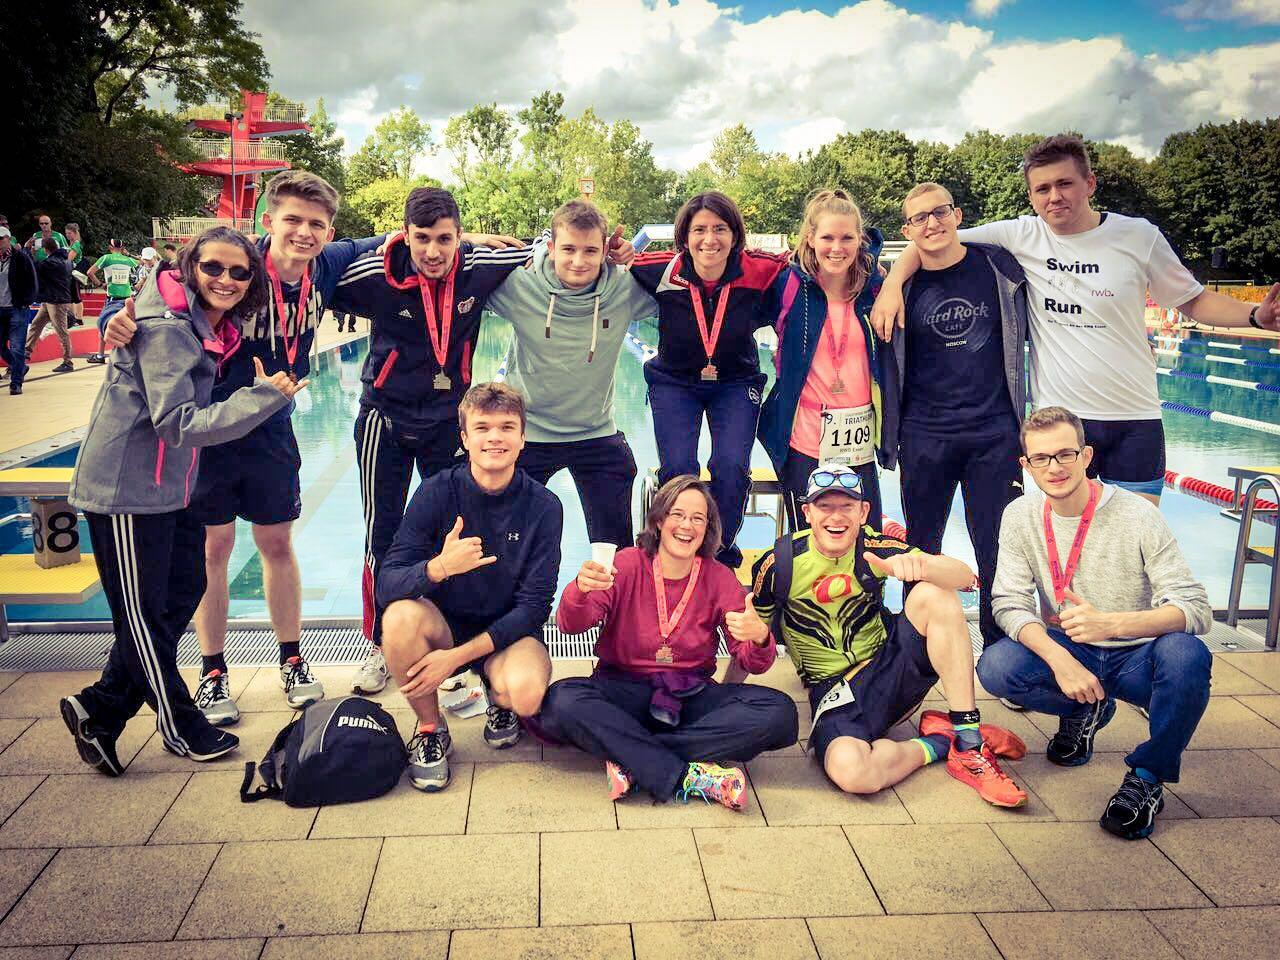 RWB Essen - Triathlon-AG - Gruppenfoto der Teilnehmerinnen und Teilnehmer